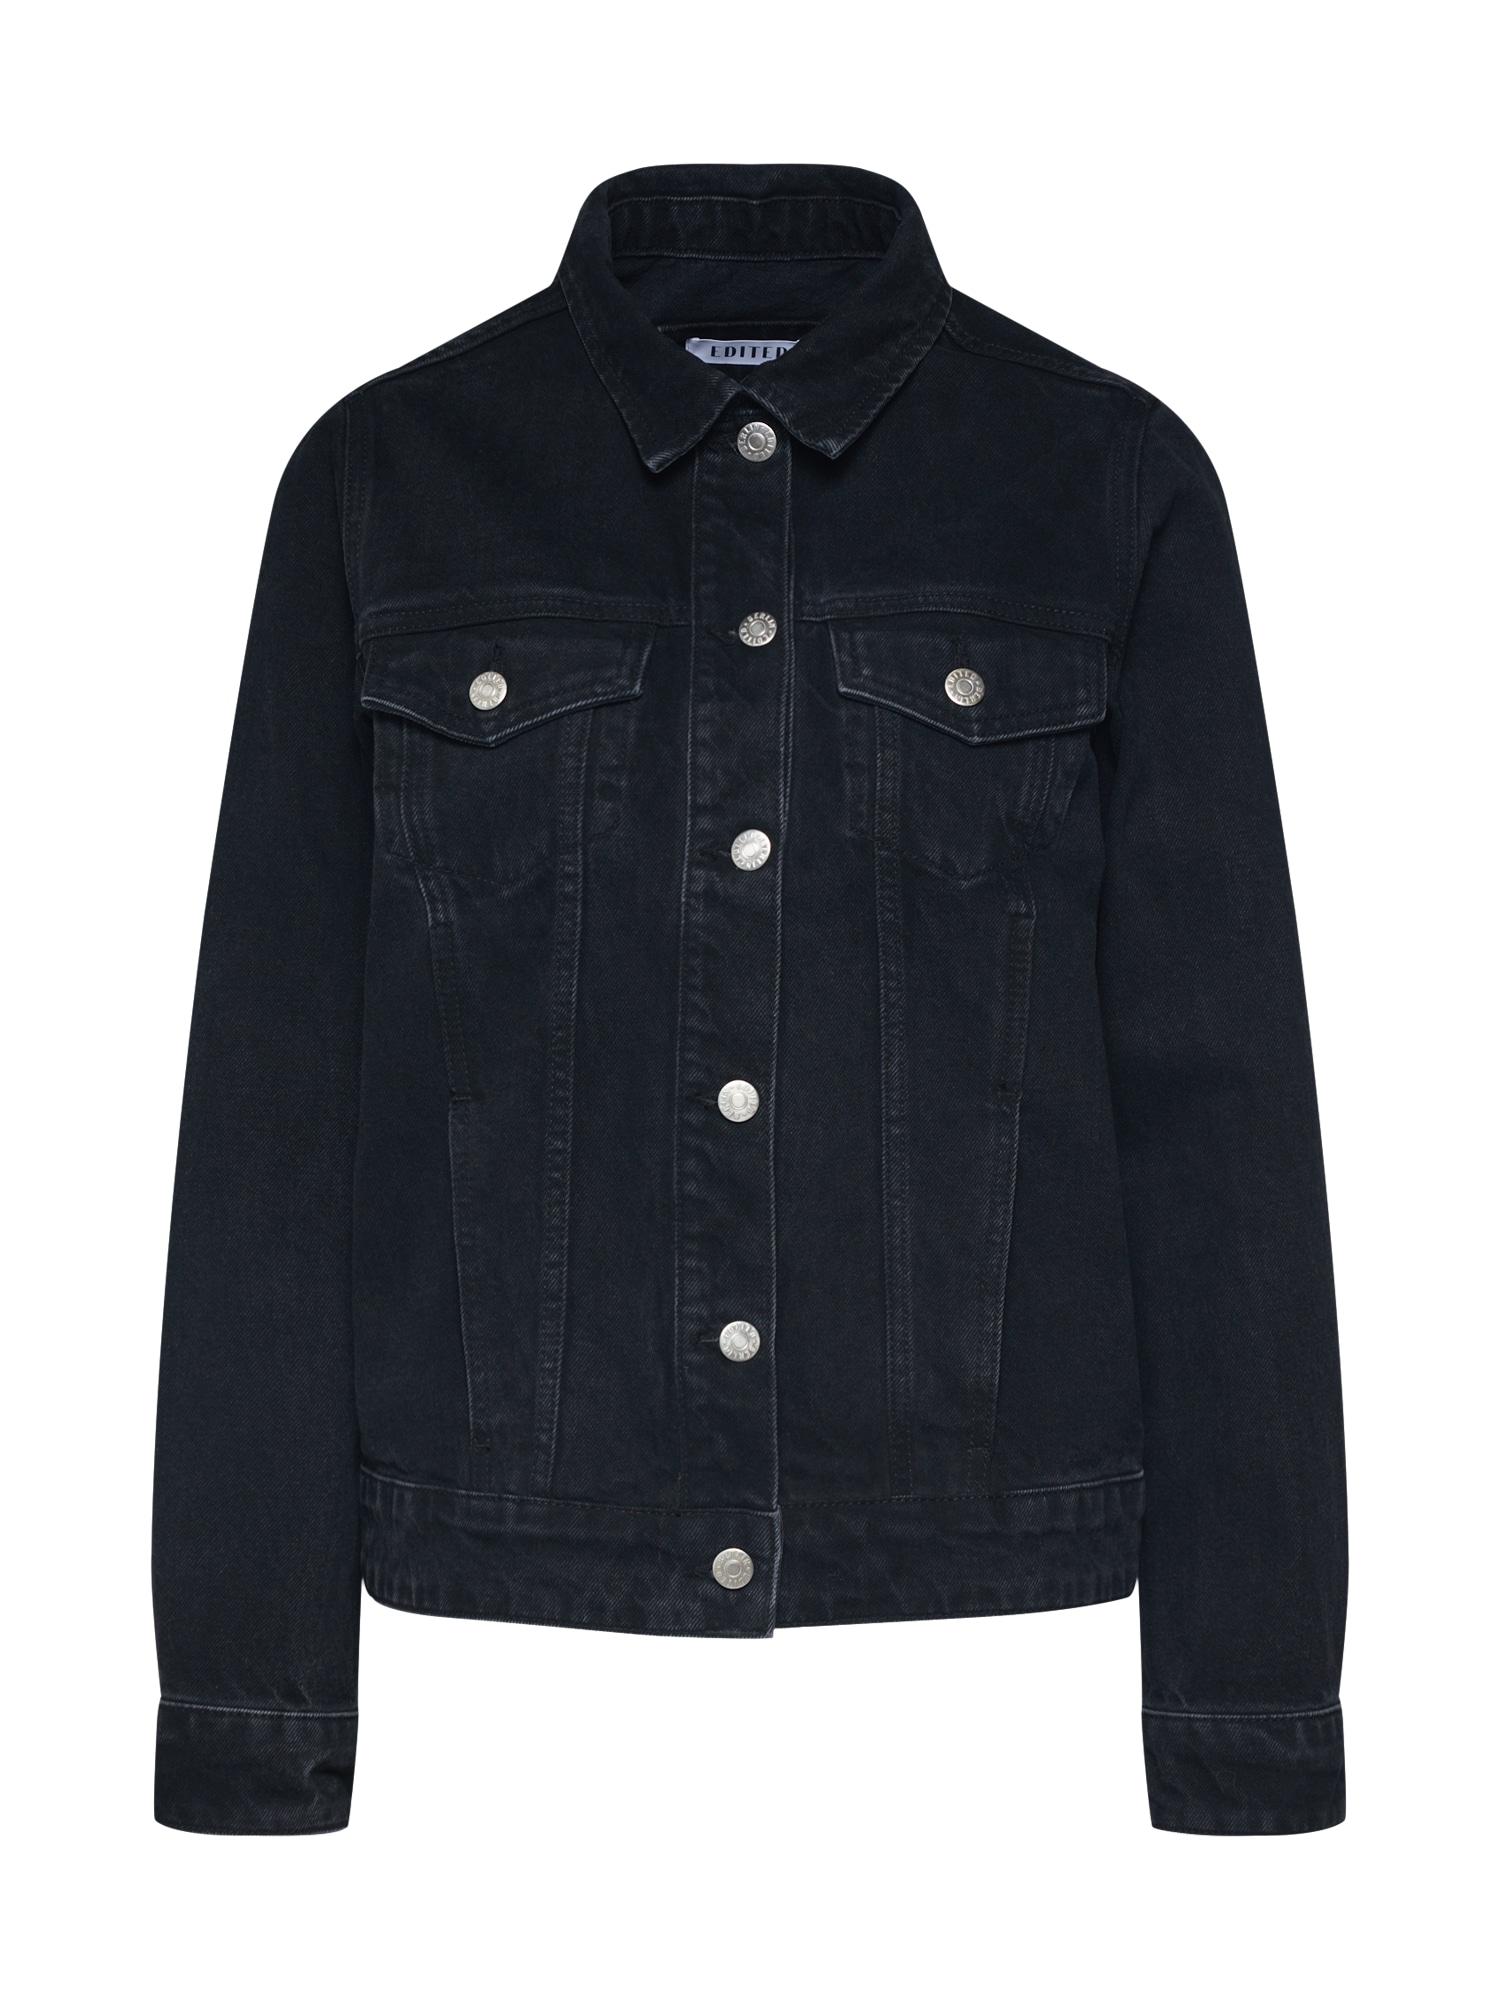 EDITED Demisezoninė striukė 'Freja' juodo džinso spalva